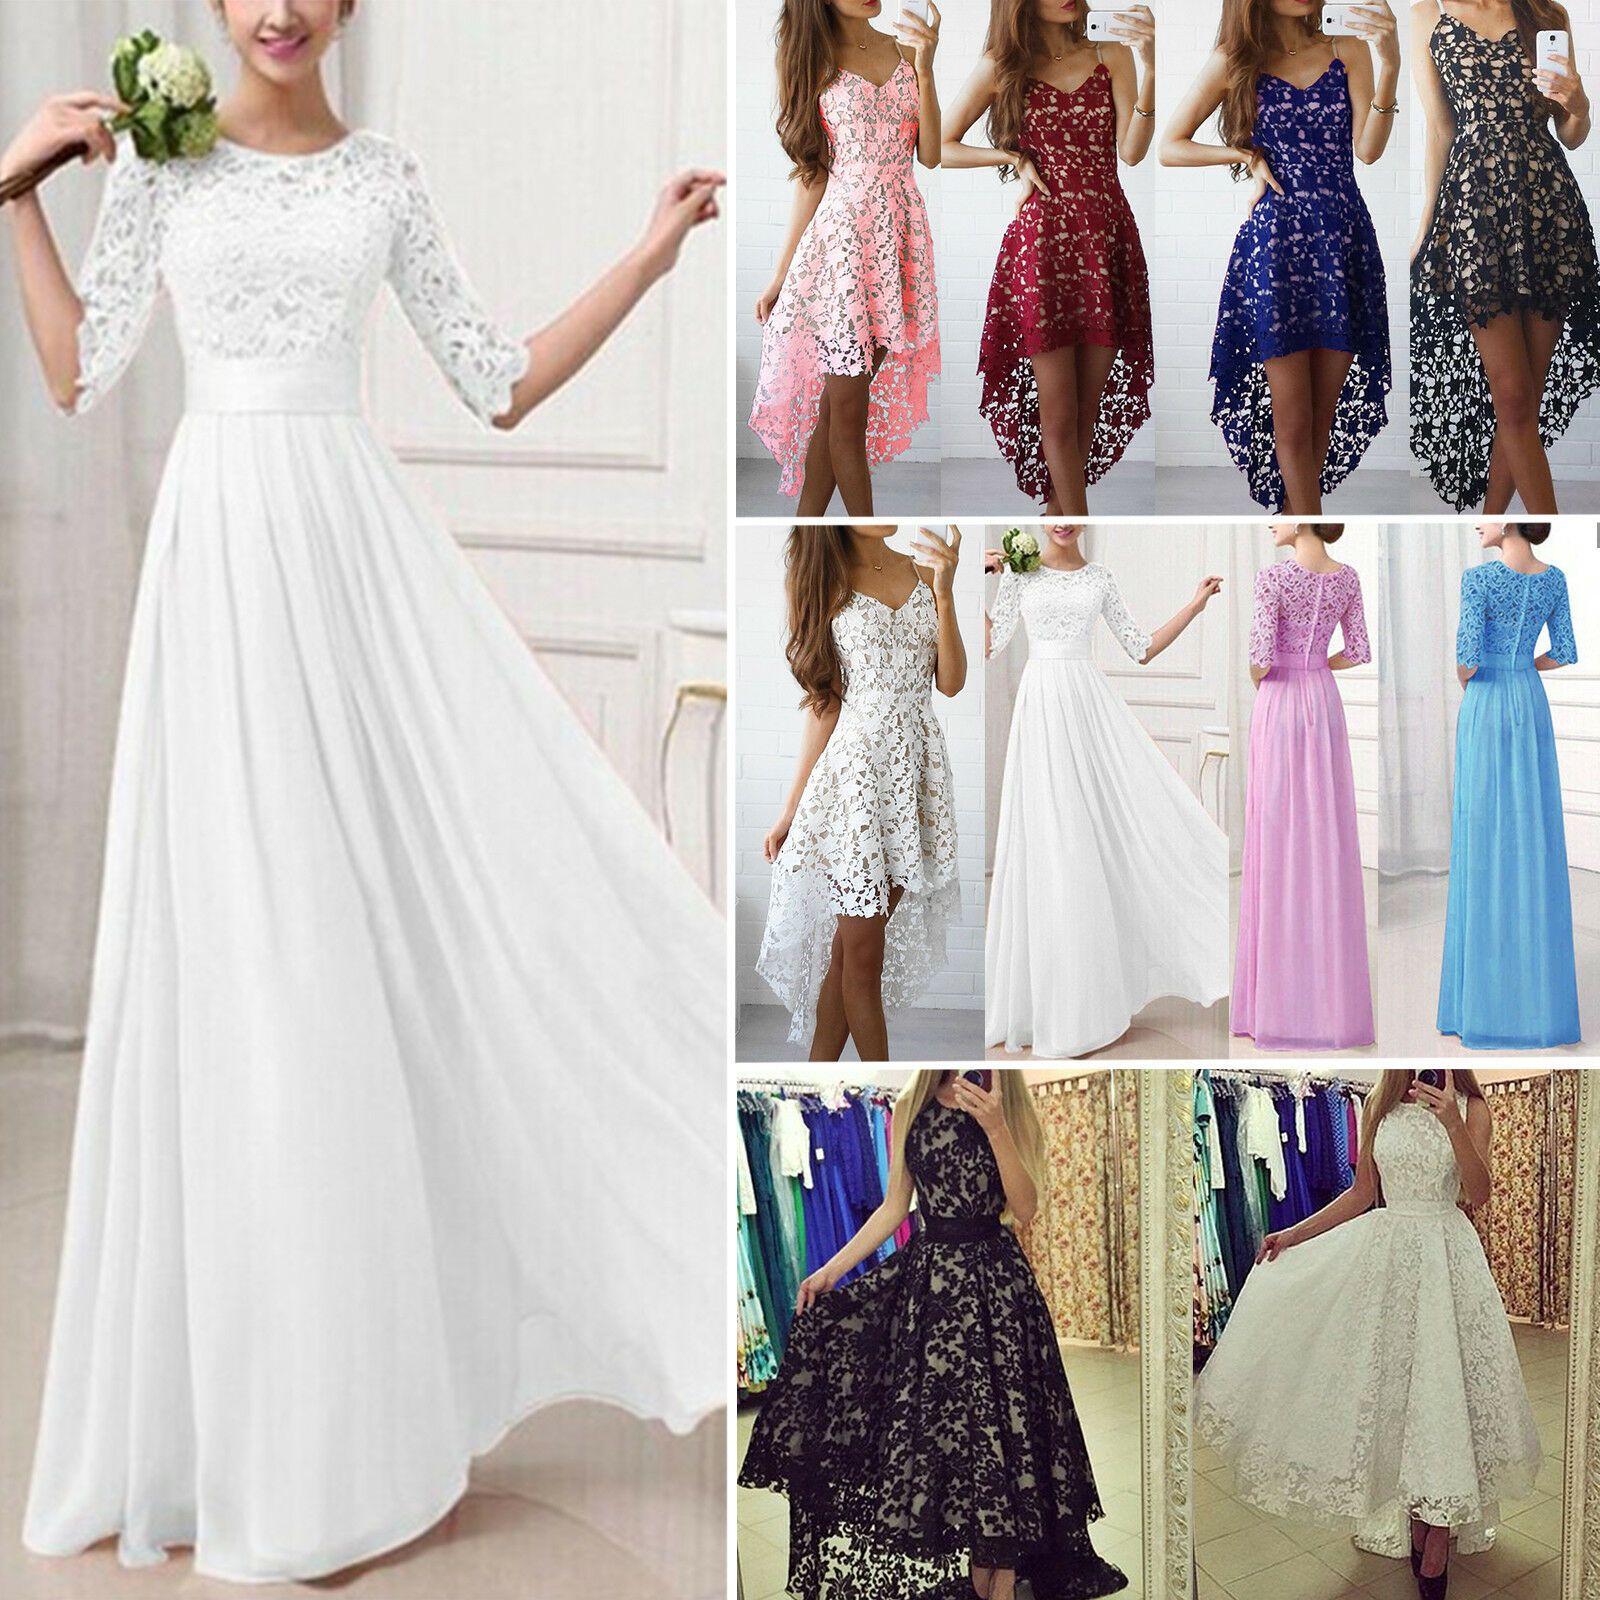 Damen Spitze Abendkleider Sommer Maxikleid Lang Party Hochzeit Kleid Ballkleider